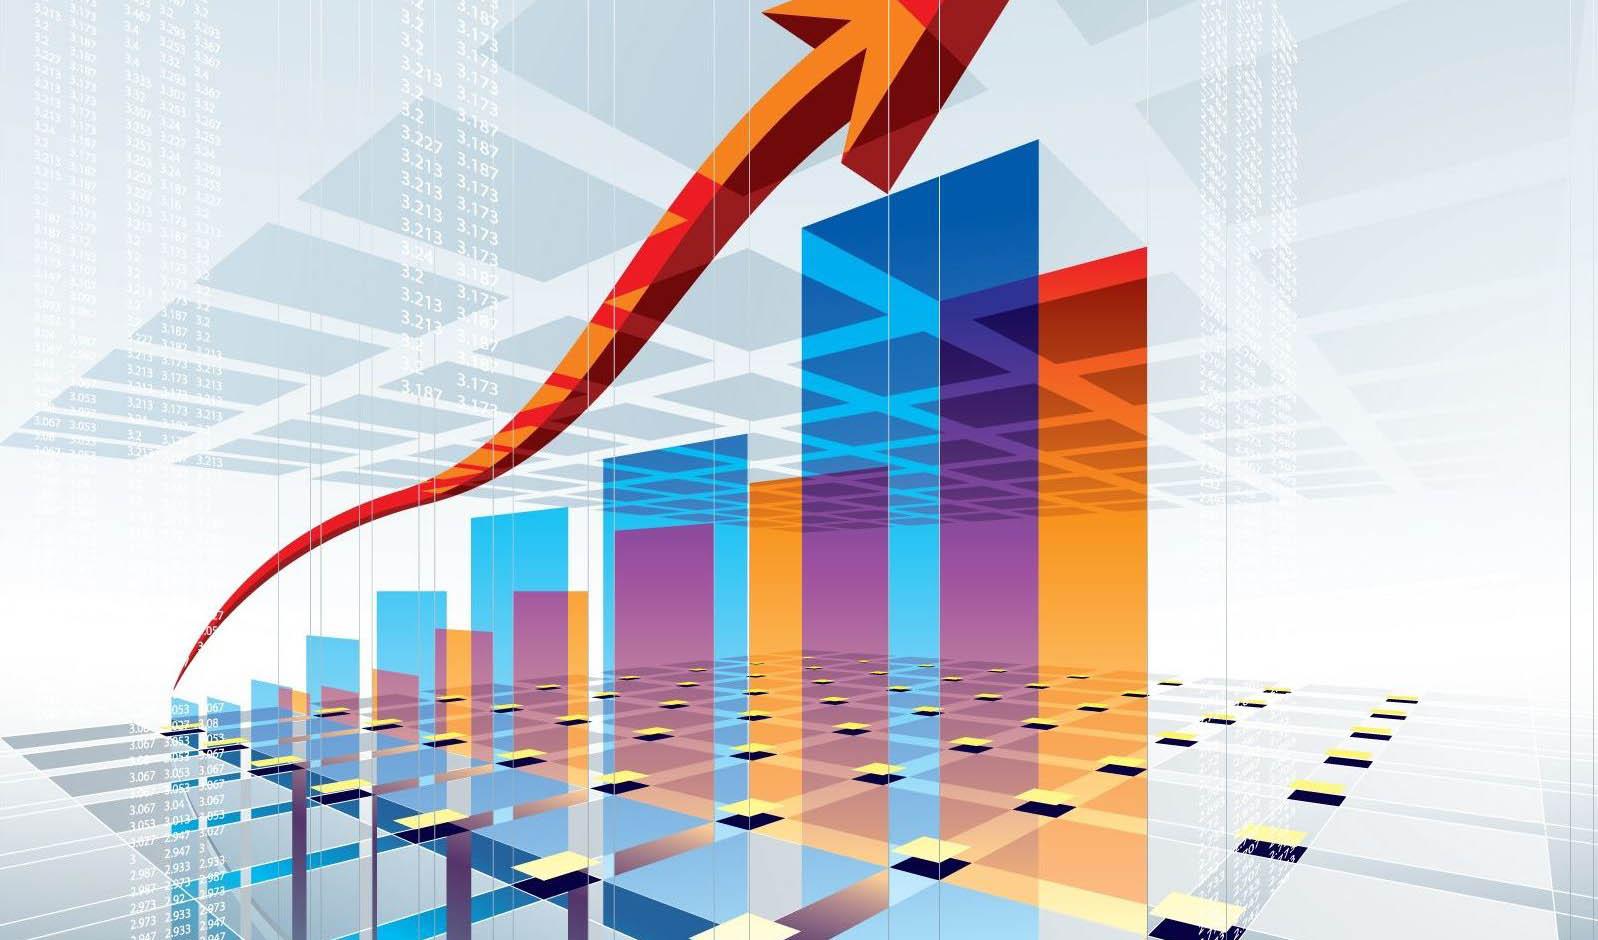 سهم هر بخش از رشد اقتصادی چقدر است؟